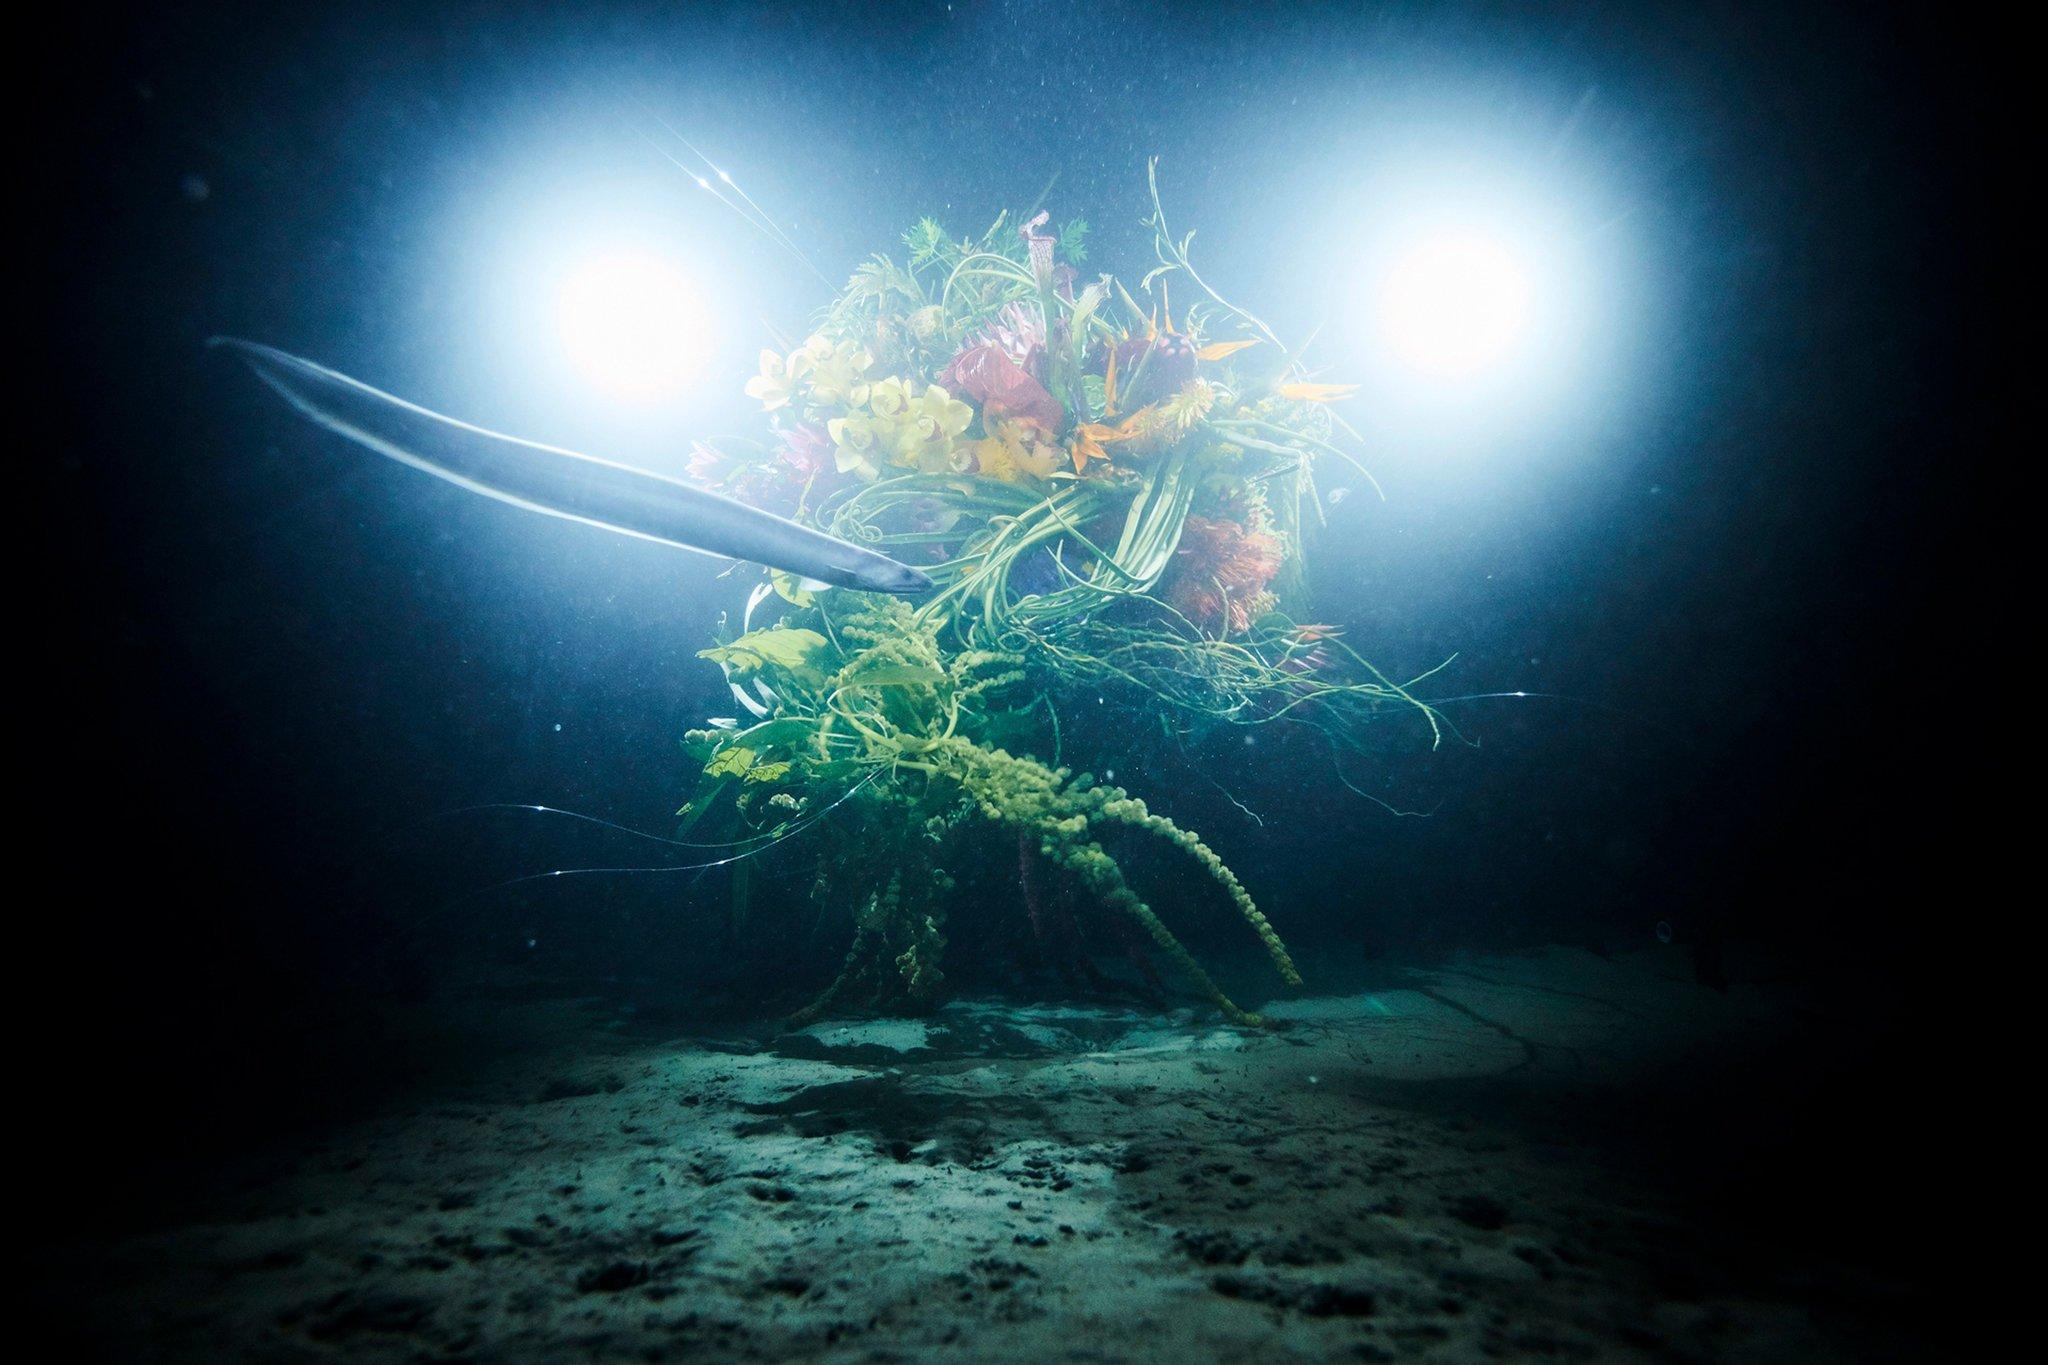 azuma-makoto-dives-into-the-unknown-6